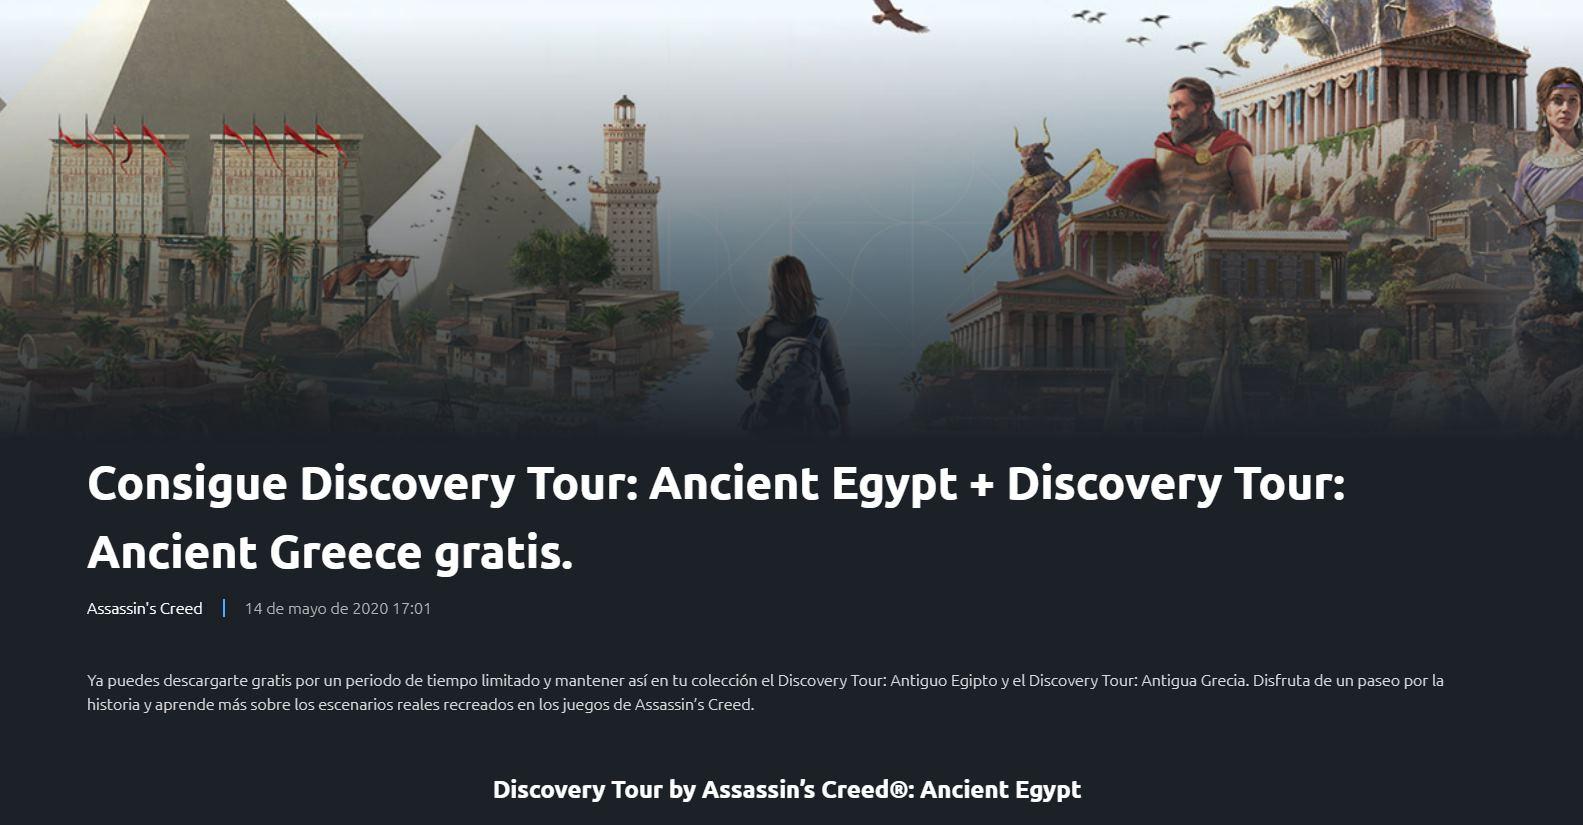 Paseos virtuales por el Antiguo Egipto y Grecia, de Ubisoft, ahora gratis